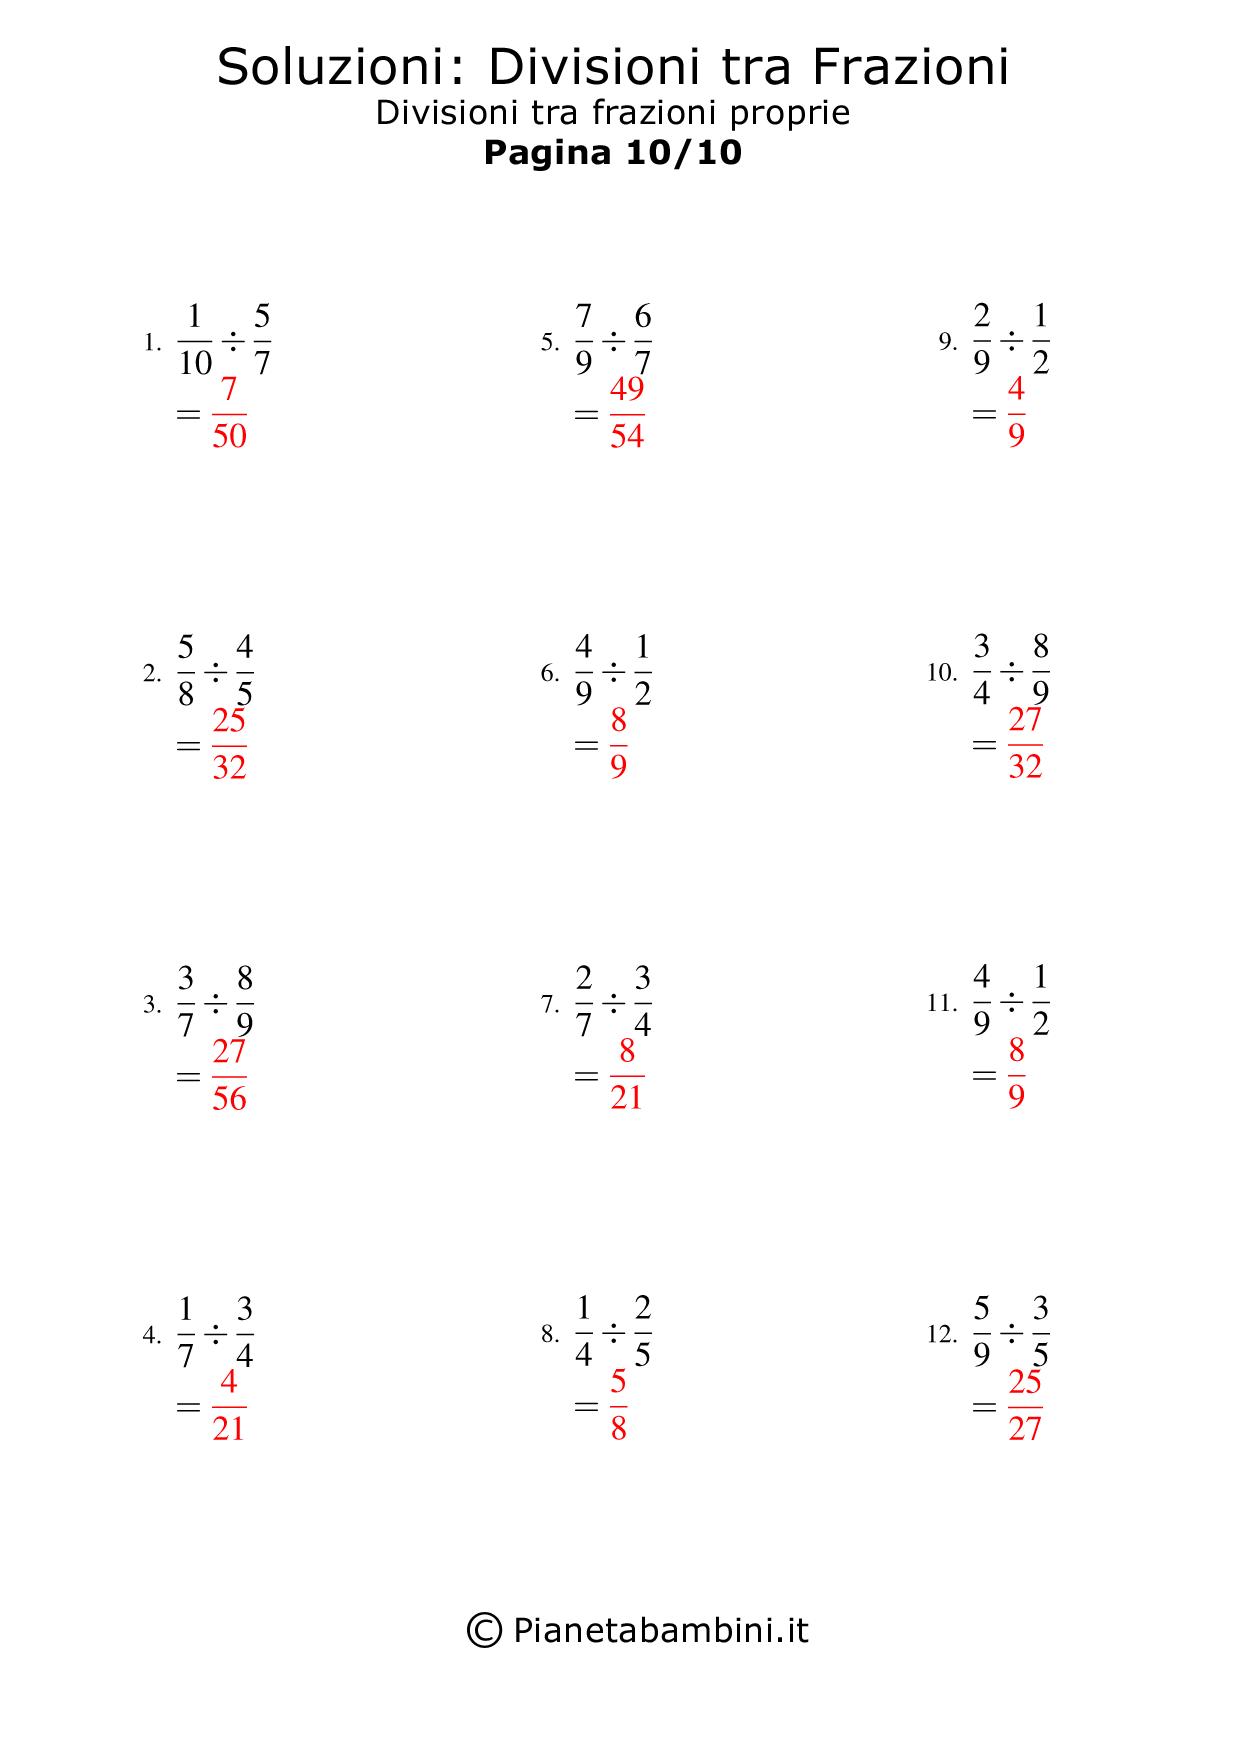 Soluzioni-Divisioni-Frazioni-Proprie_10